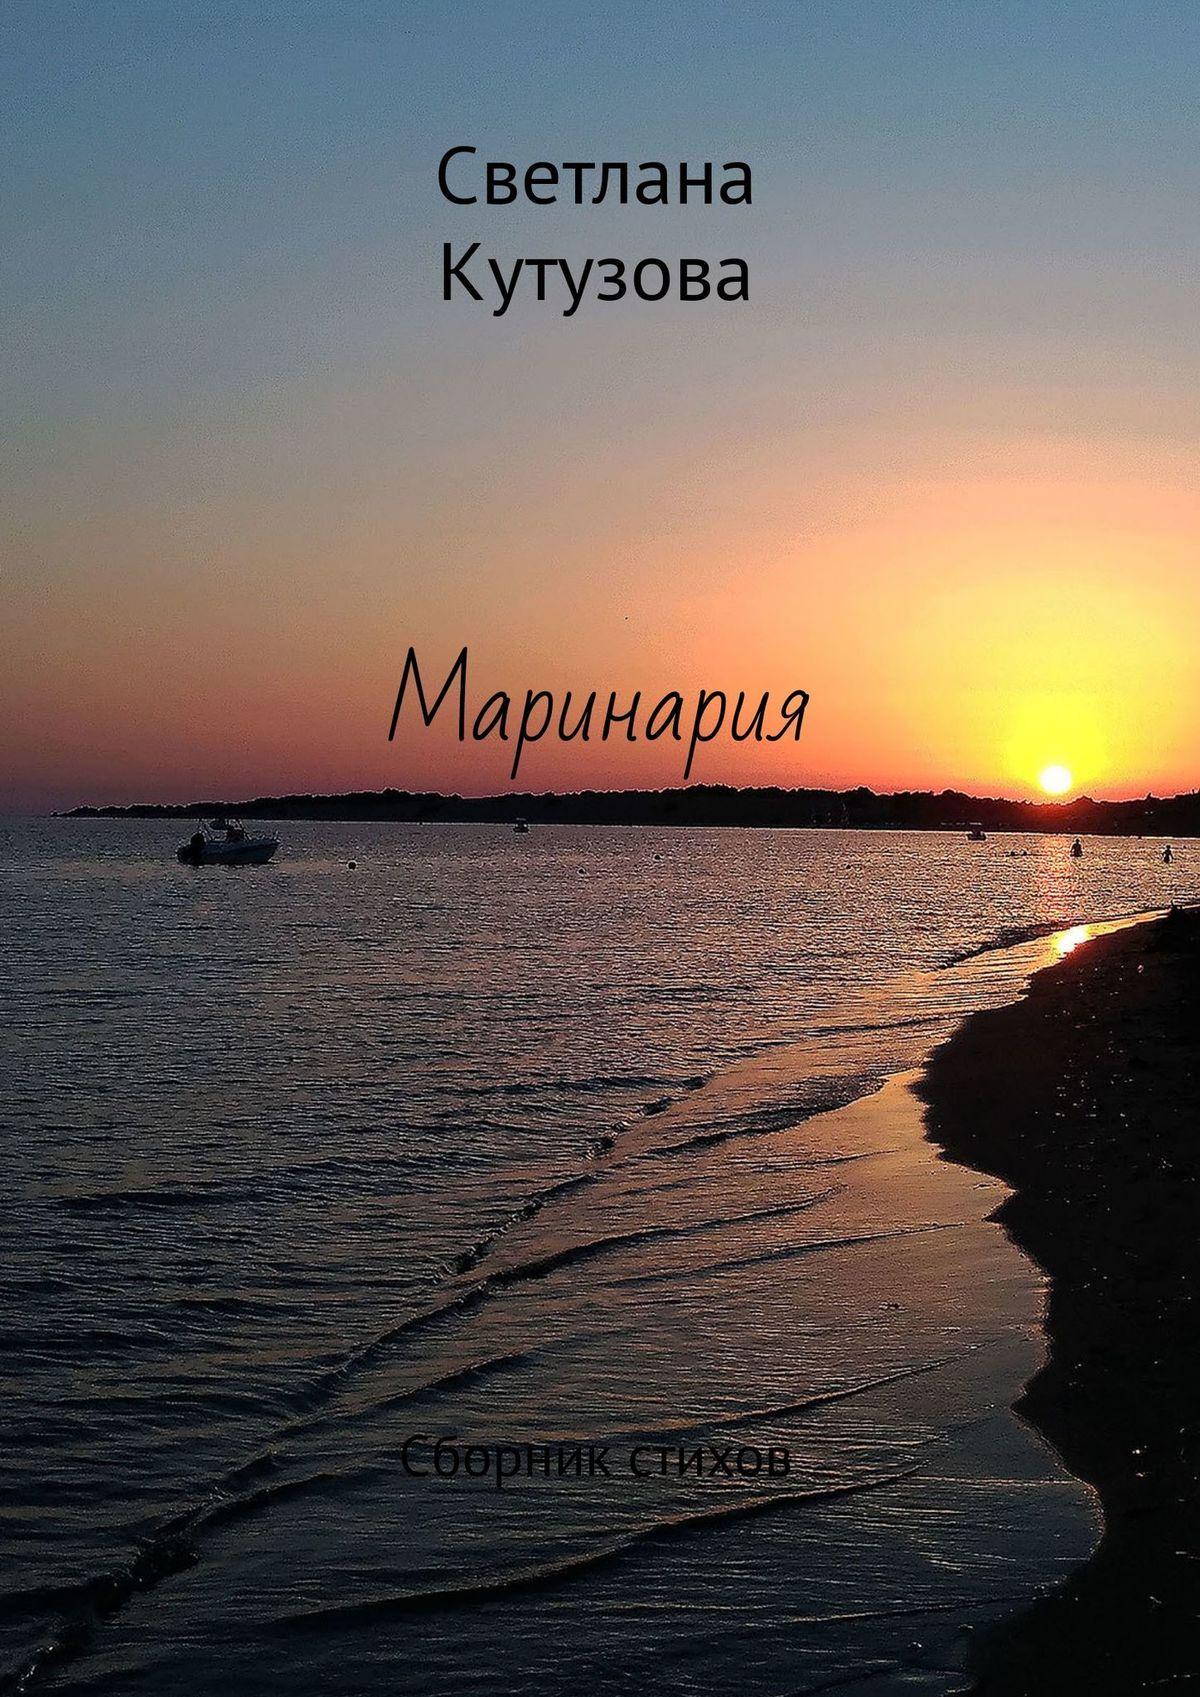 Светлана Кутузова Маринария. Сборник стихов цена и фото